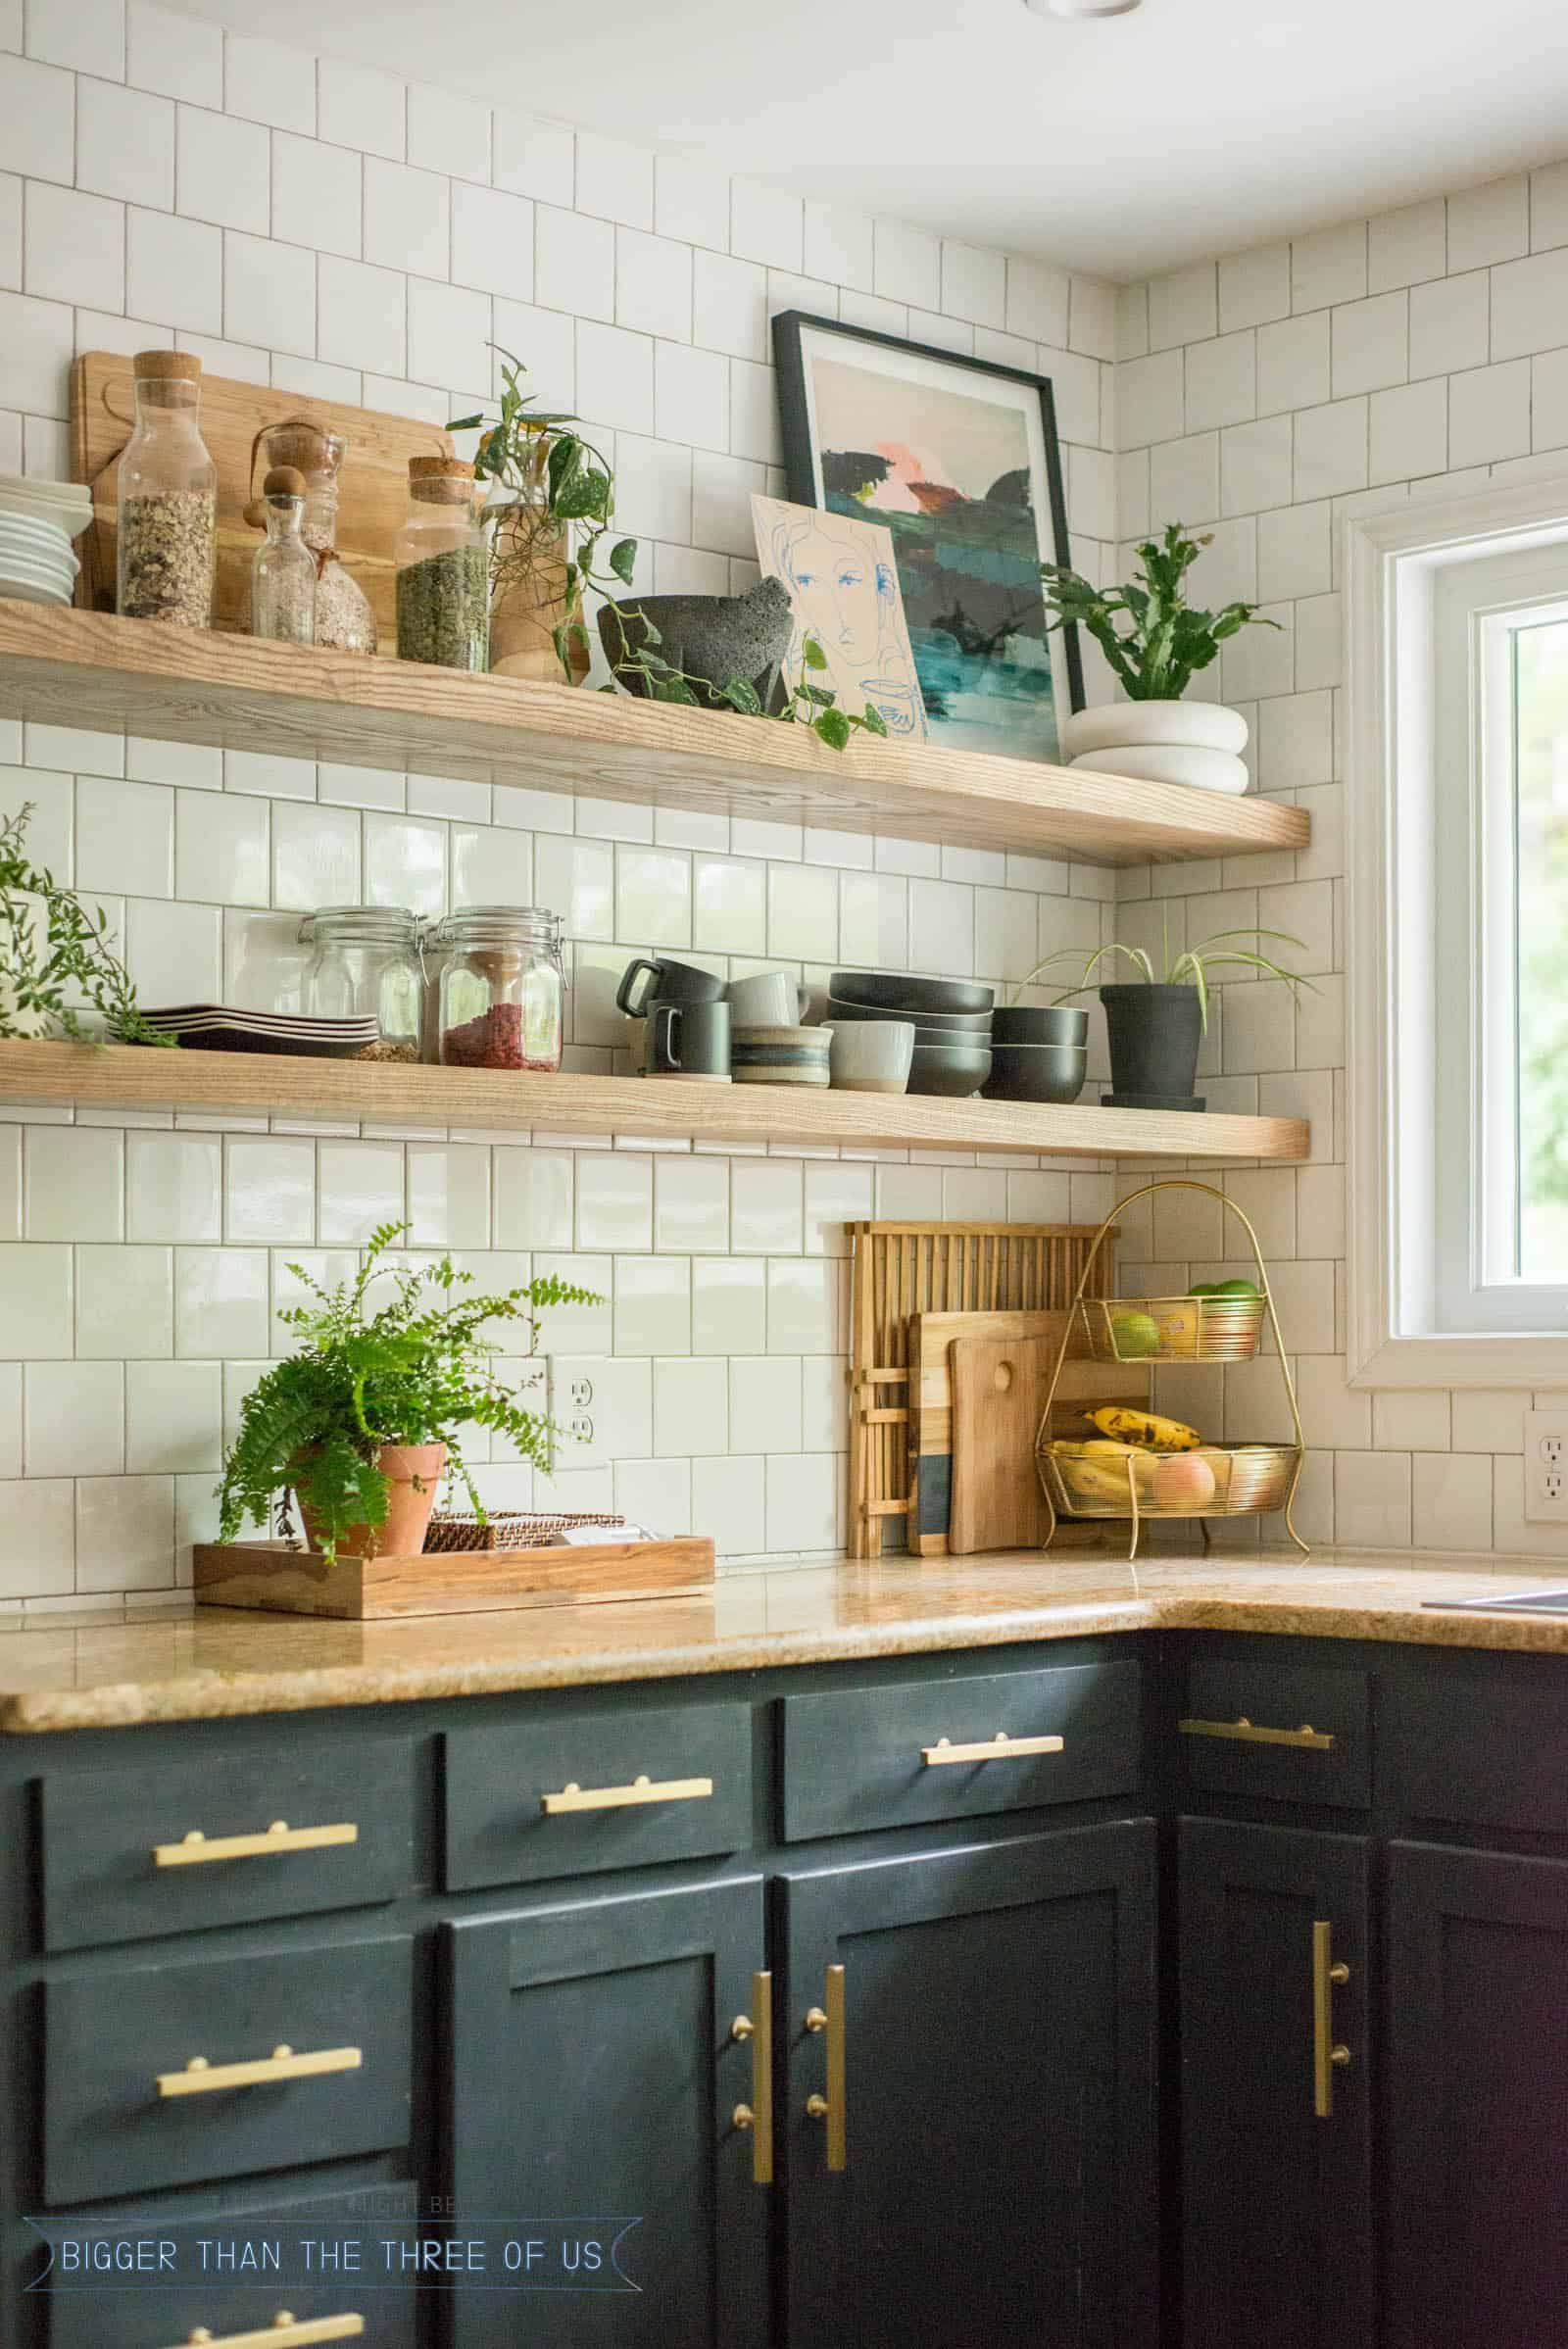 DIY Open Shelving Kitchen Guide in 2019  VAN LIVING  Diy